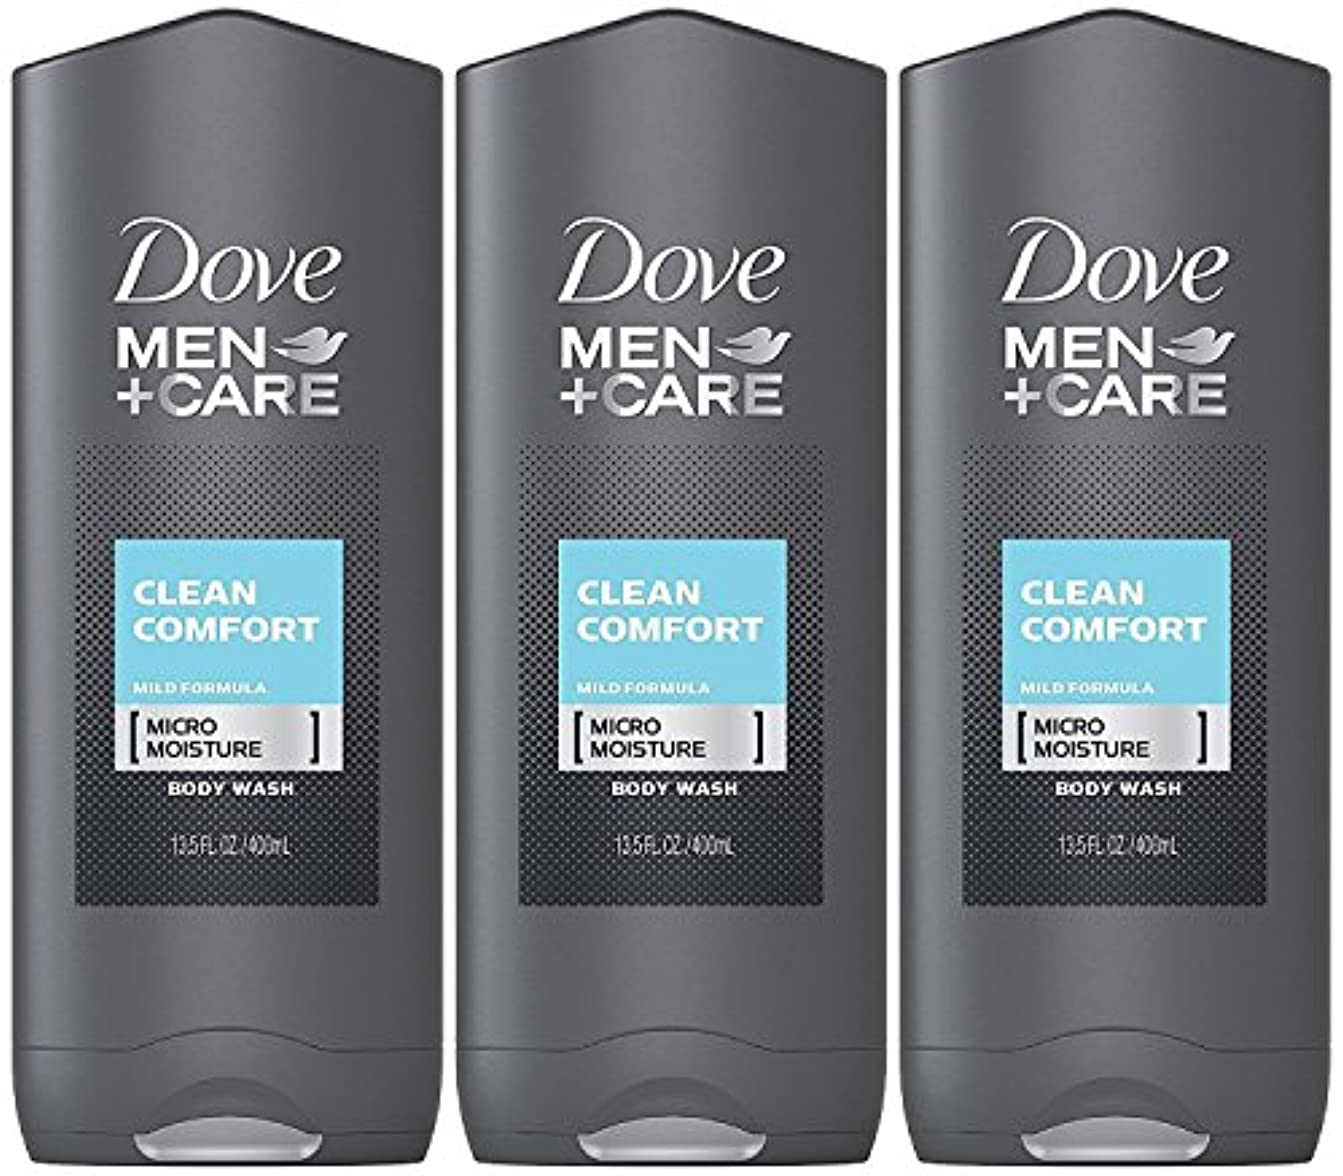 重力しがみつくピーブDove Men Plus Care Body and Face Wash Clean Comfort , 13.5 Oz by Dove